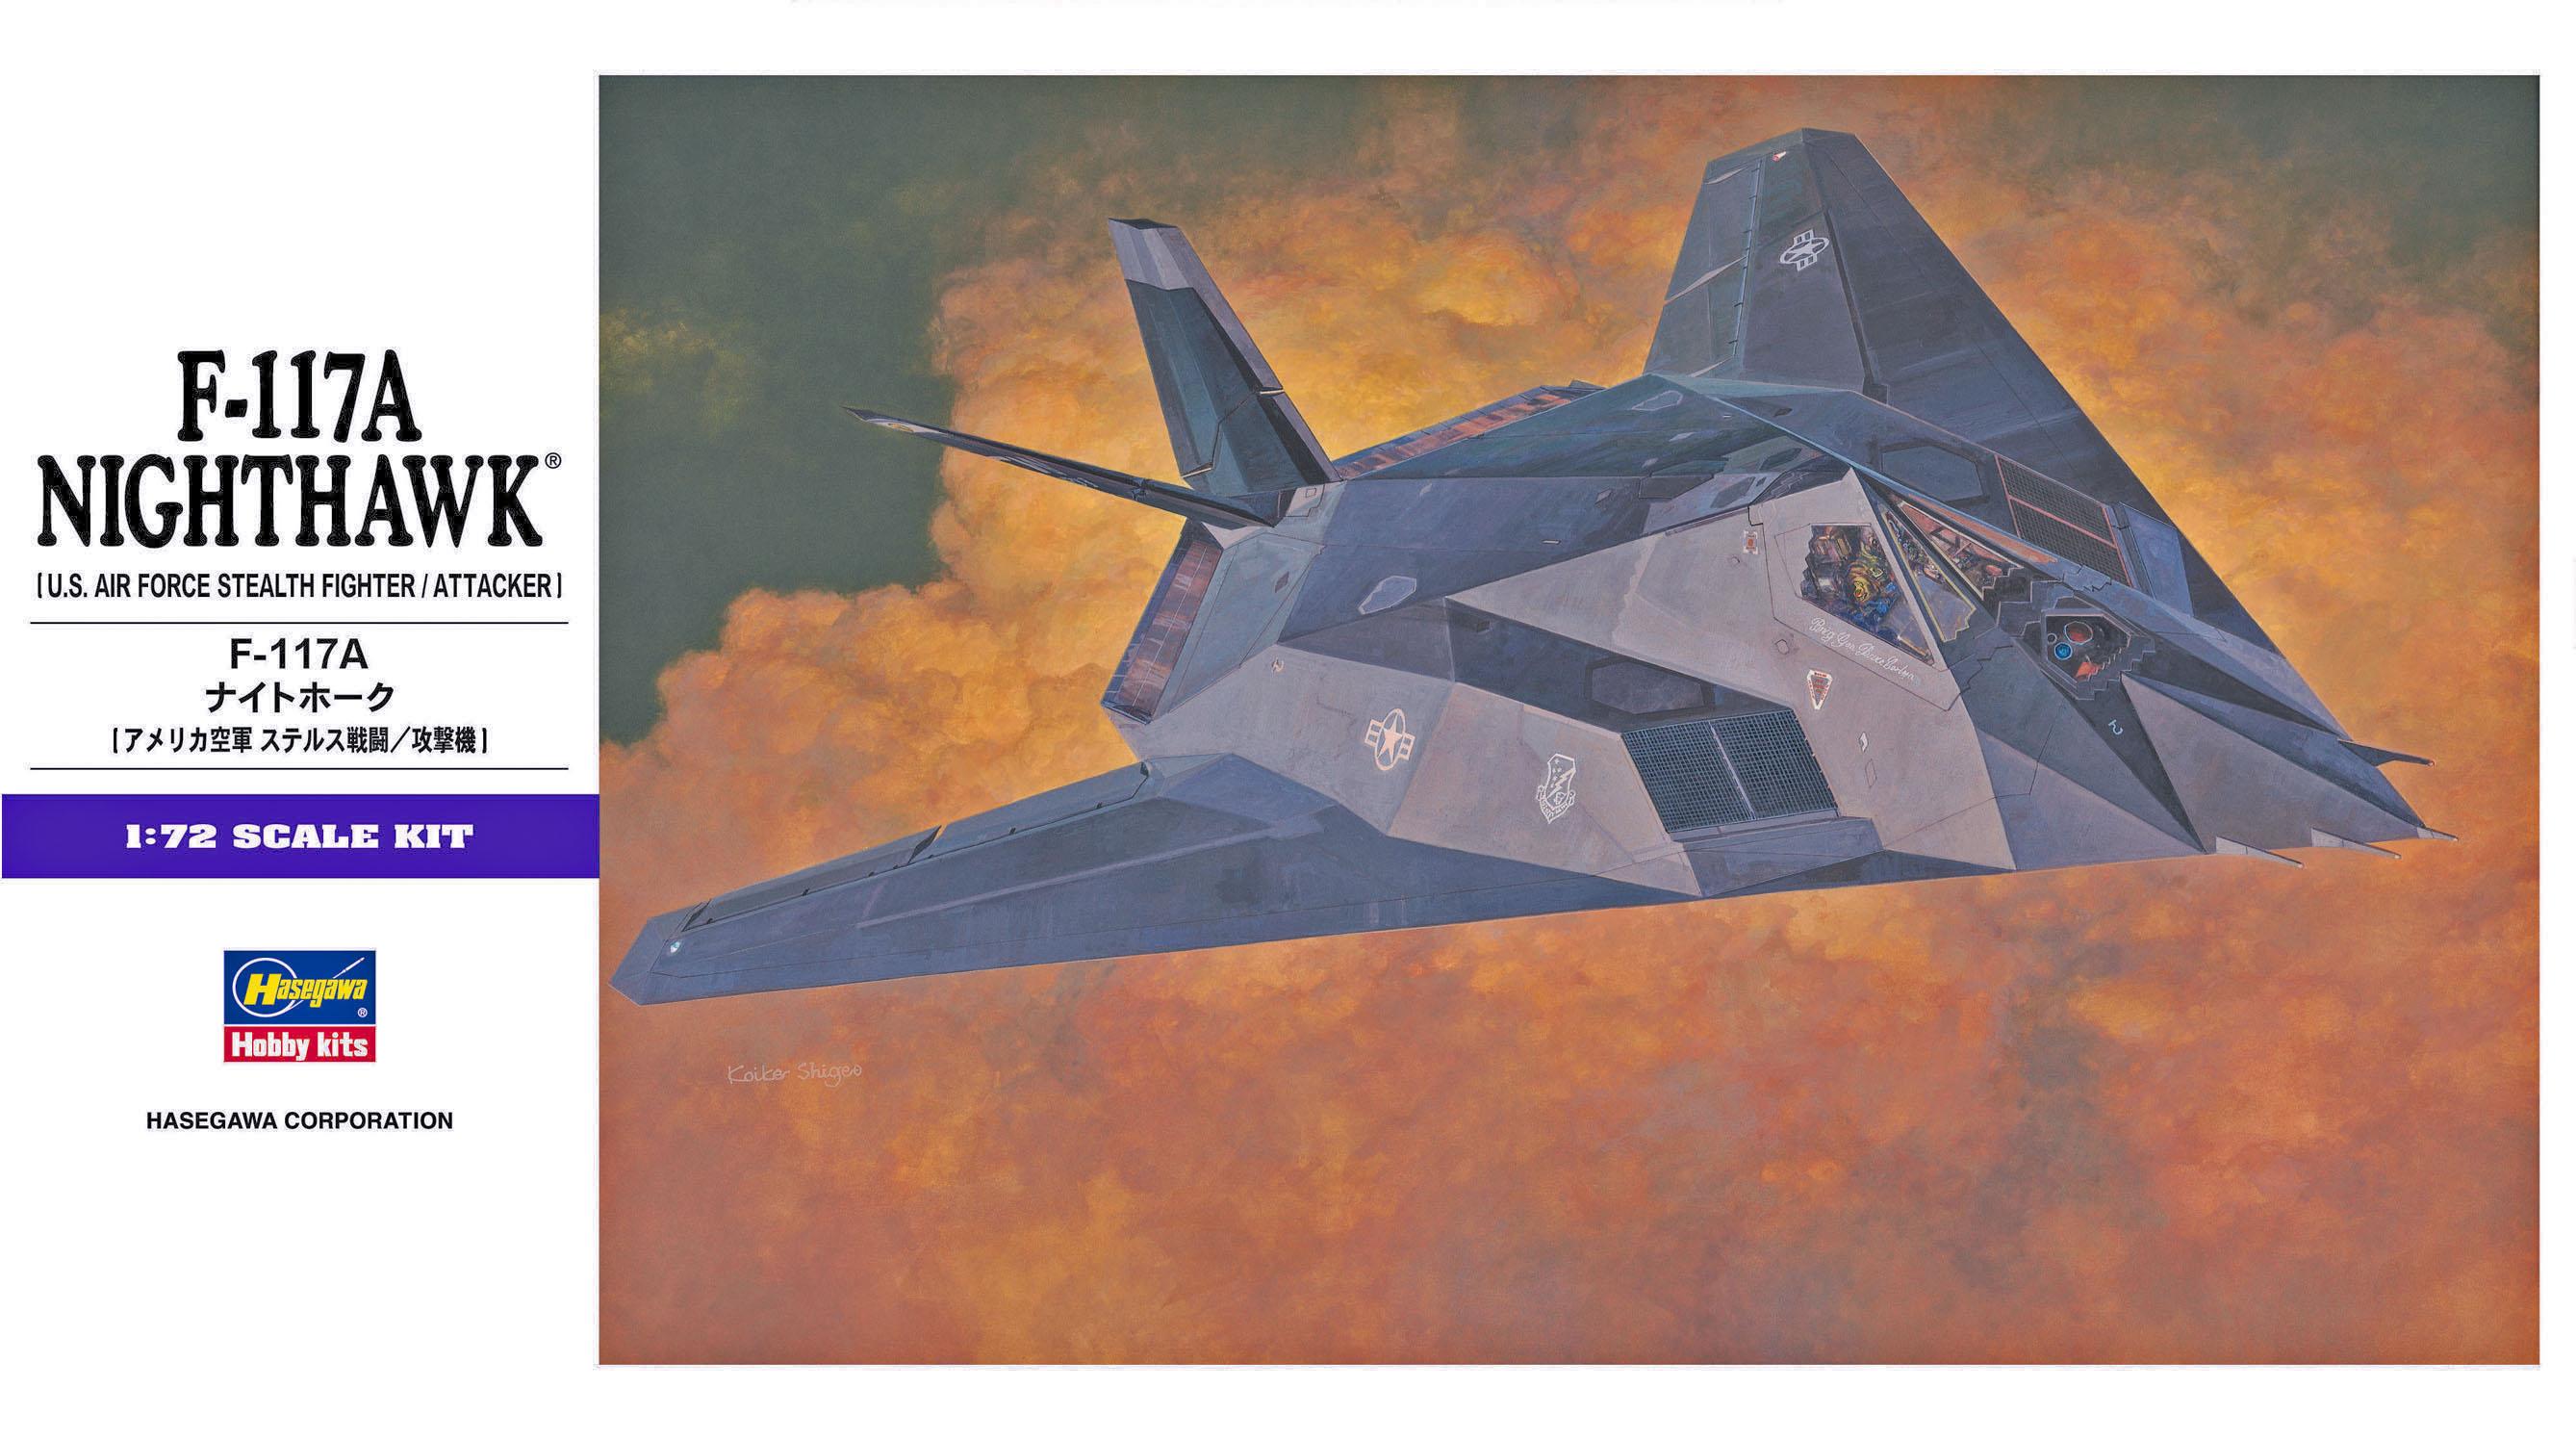 Hasegawa F-117A Nighthawk